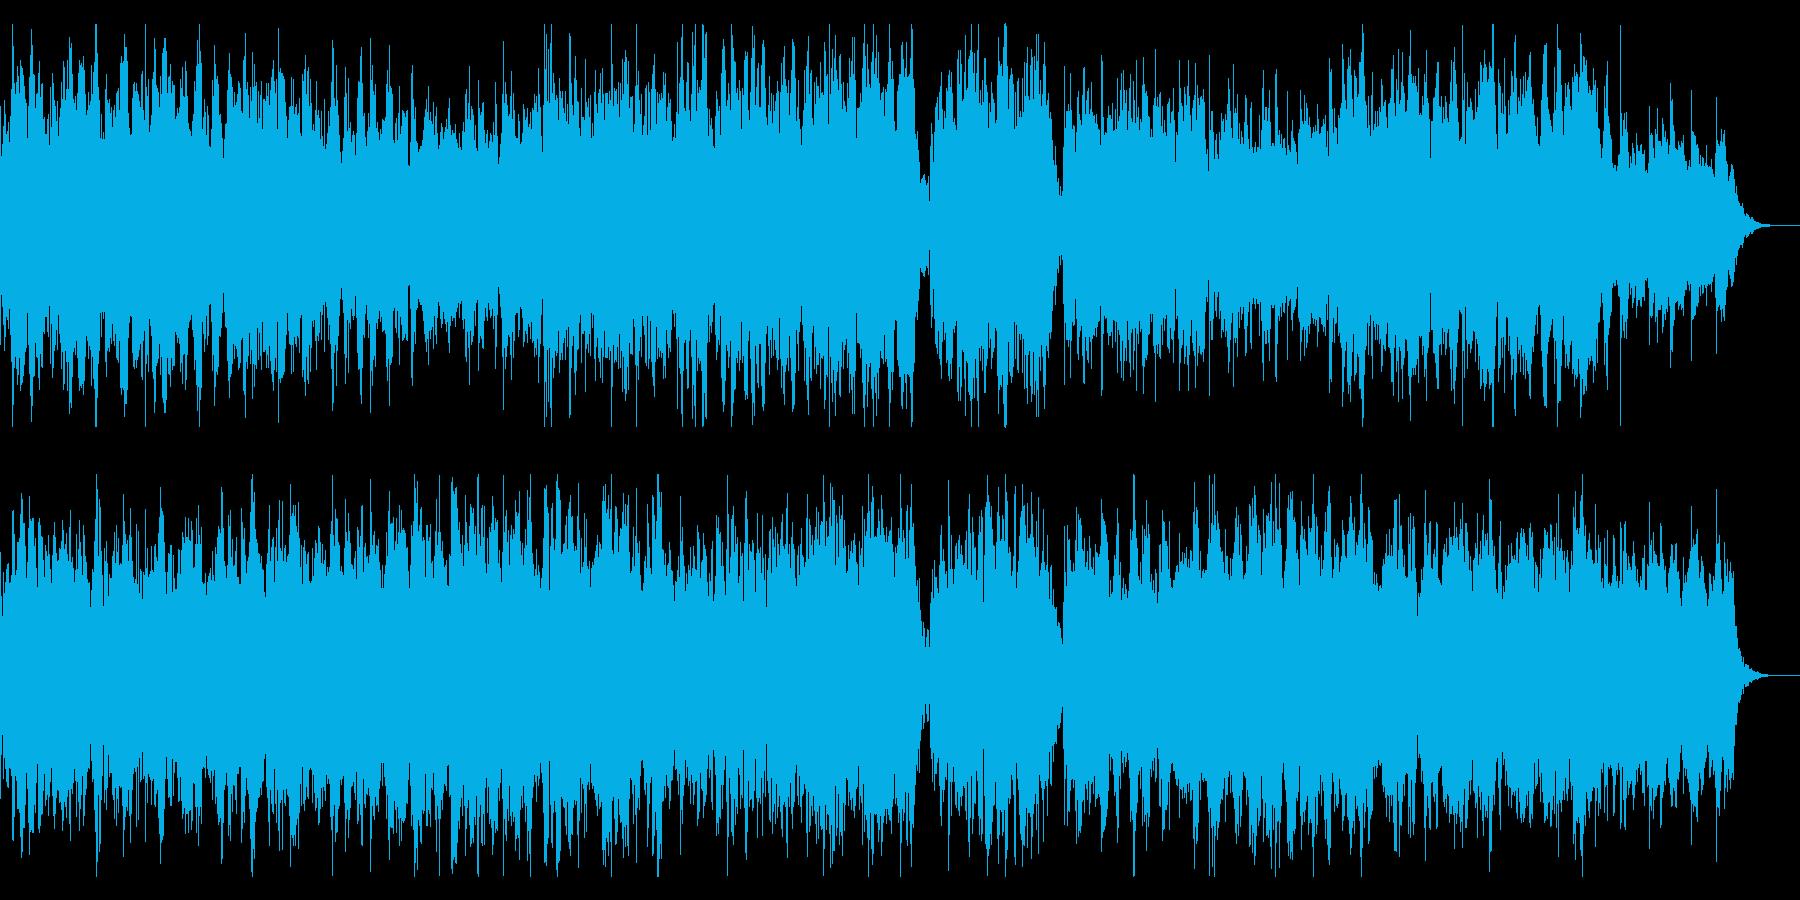 シネマチックなダークアンビエント 恐怖感の再生済みの波形